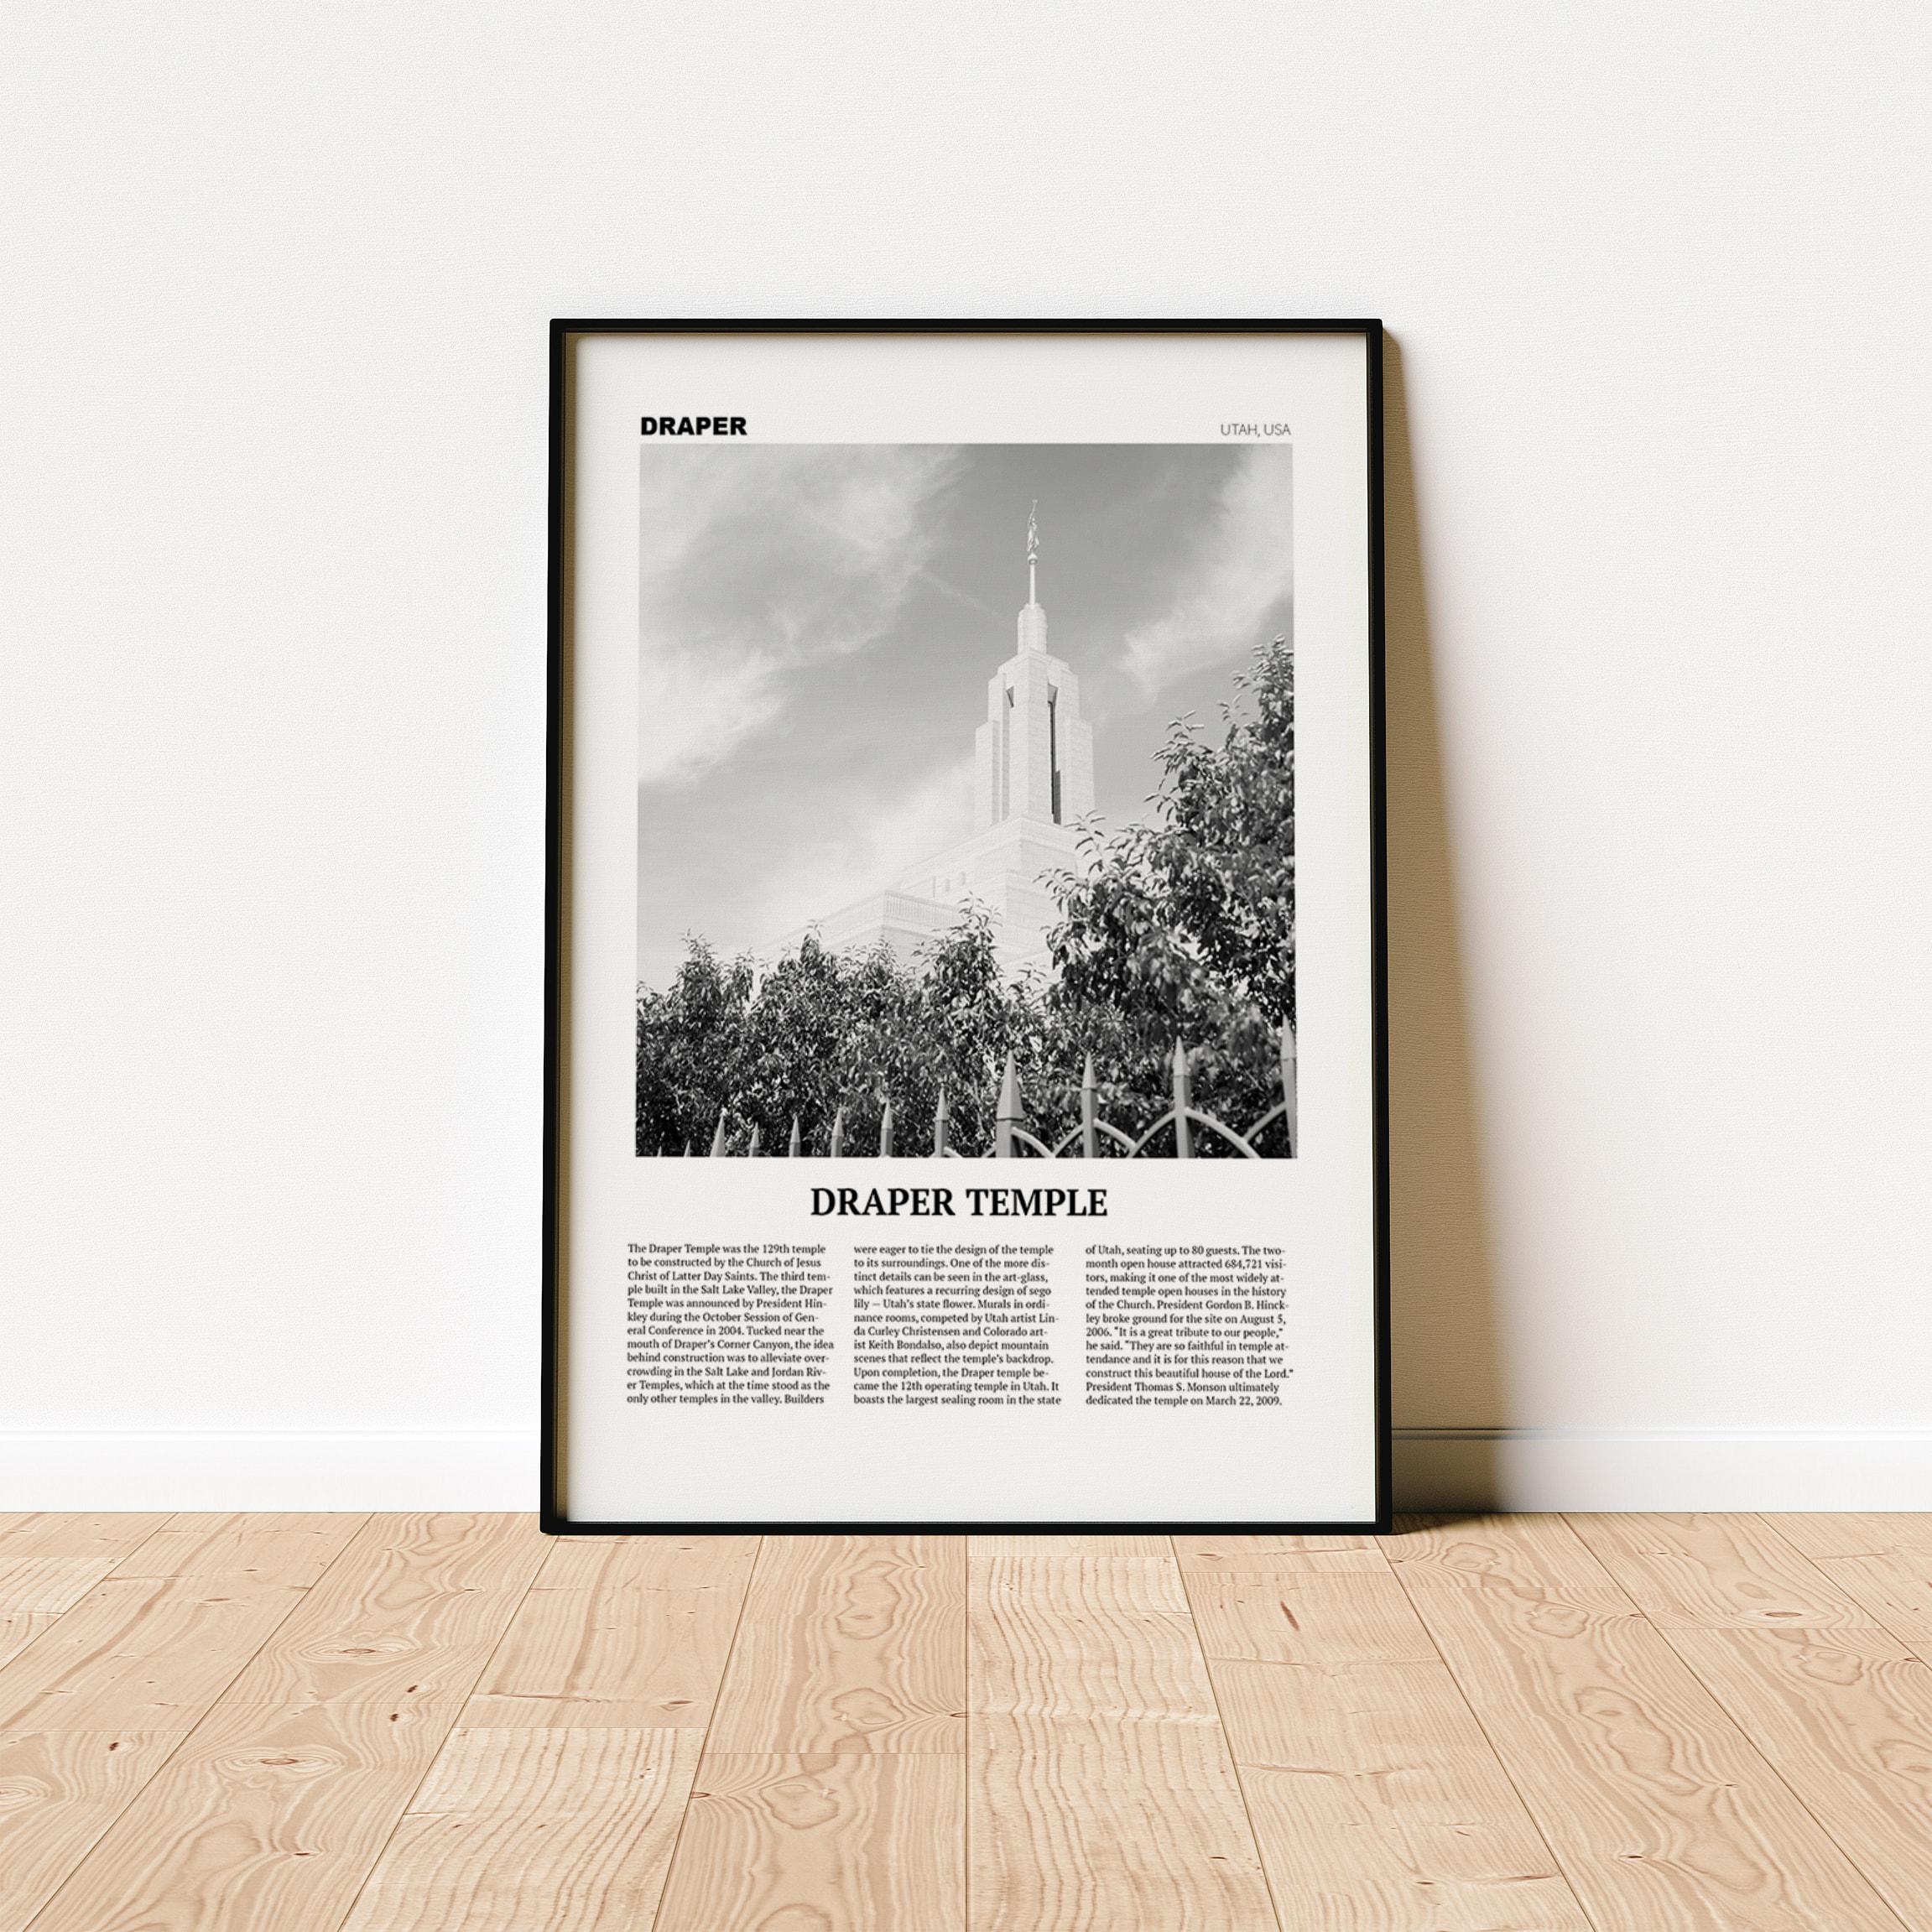 Draper LDS Temple Poster Print Wall Art Not Framed